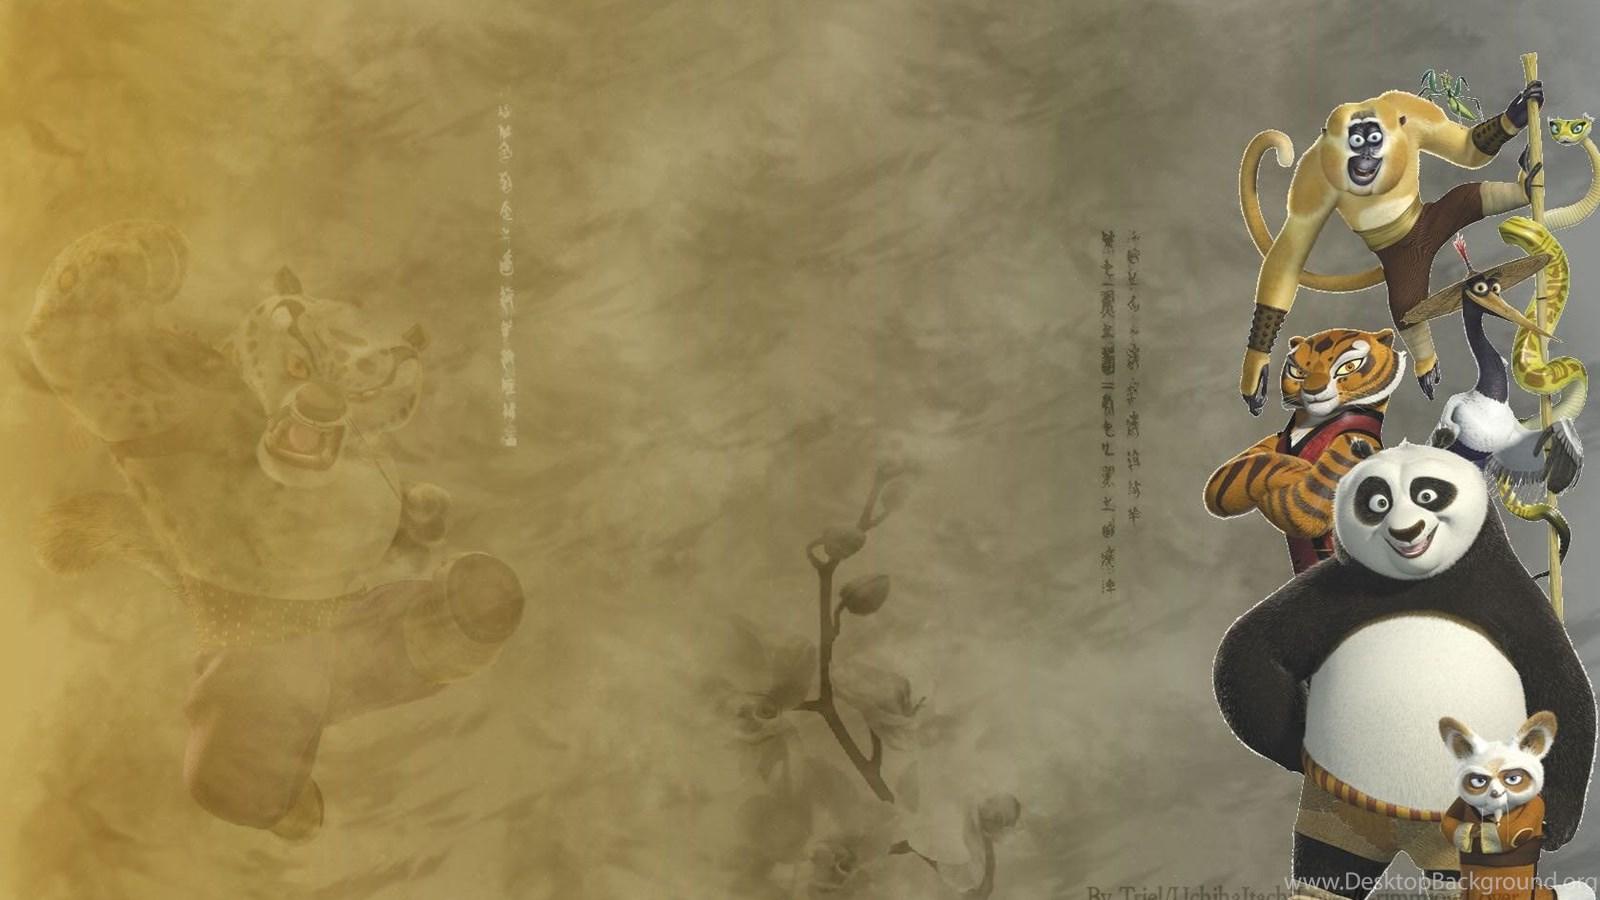 Kung fu panda wallpapers desktop background - Kung fu panda wallpaper ...